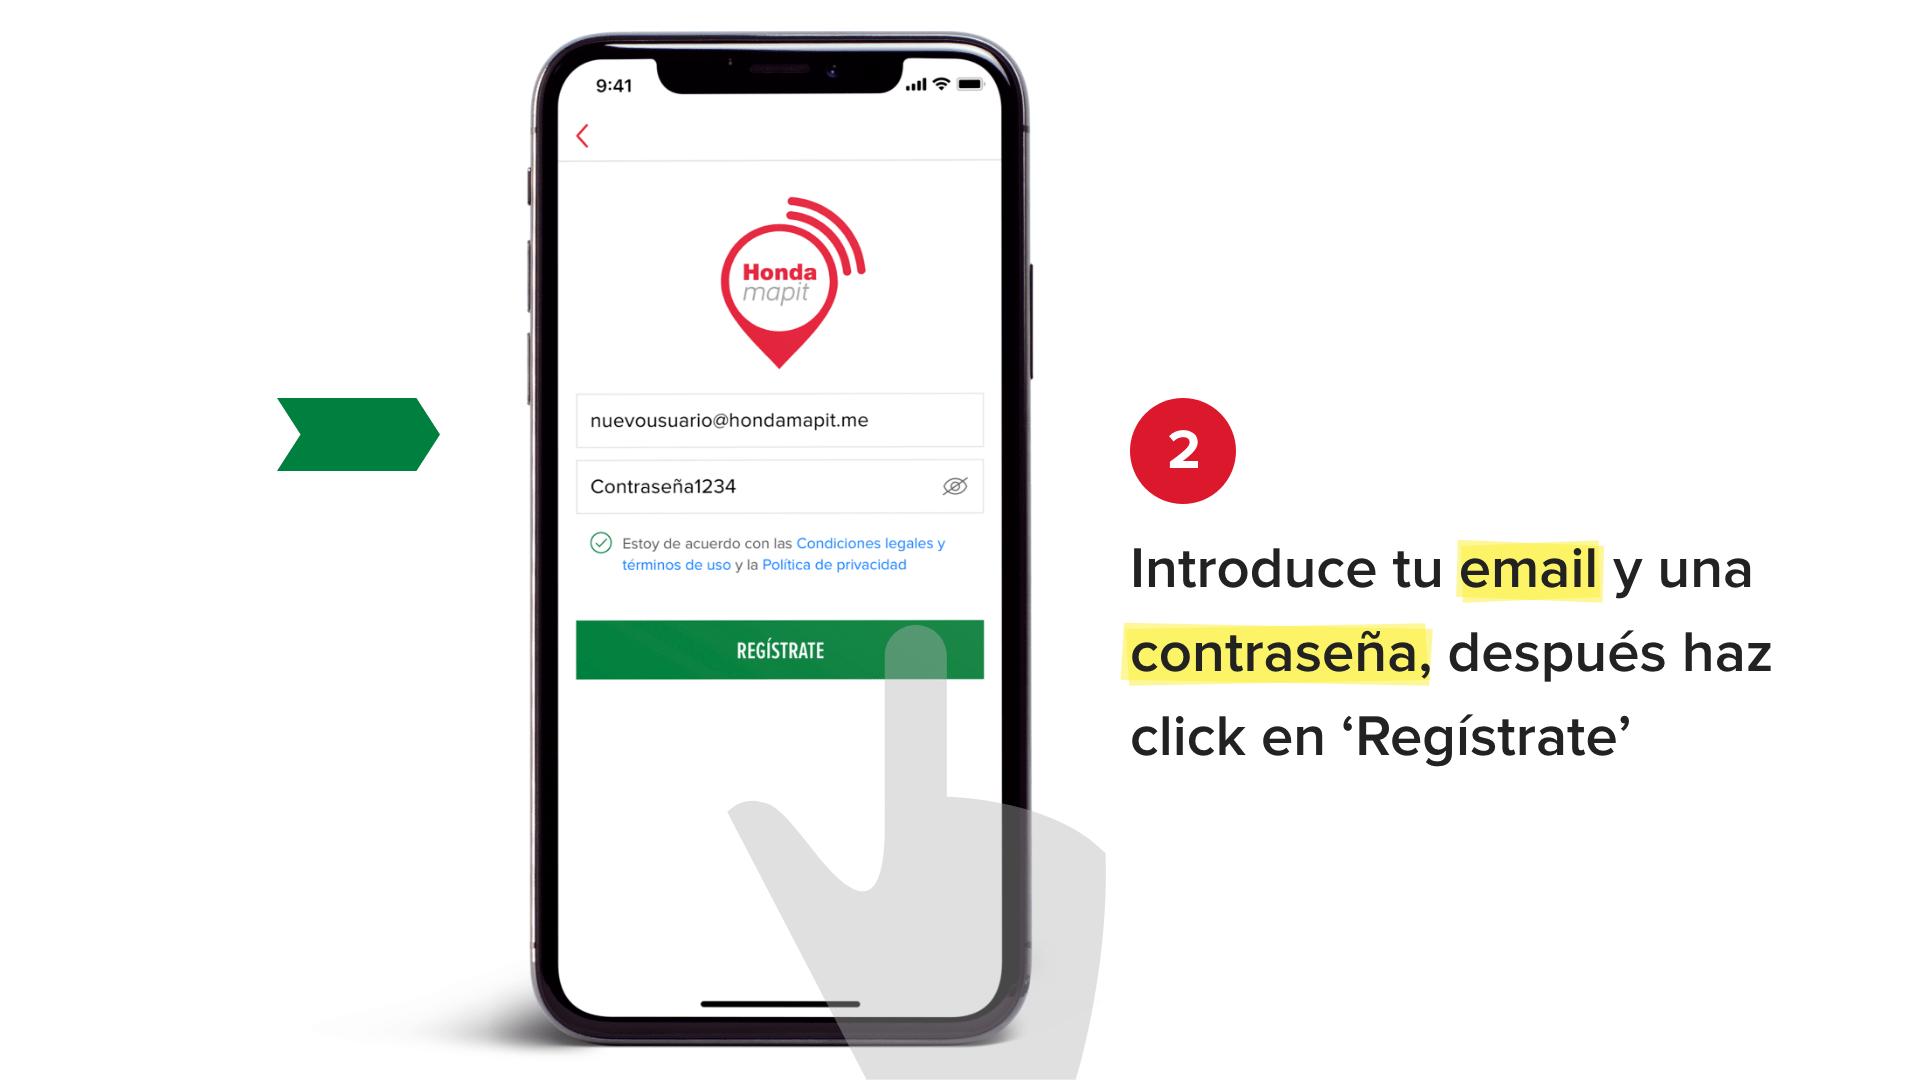 Introduce tu email y una contraseña, después has click en 'Regístrate'